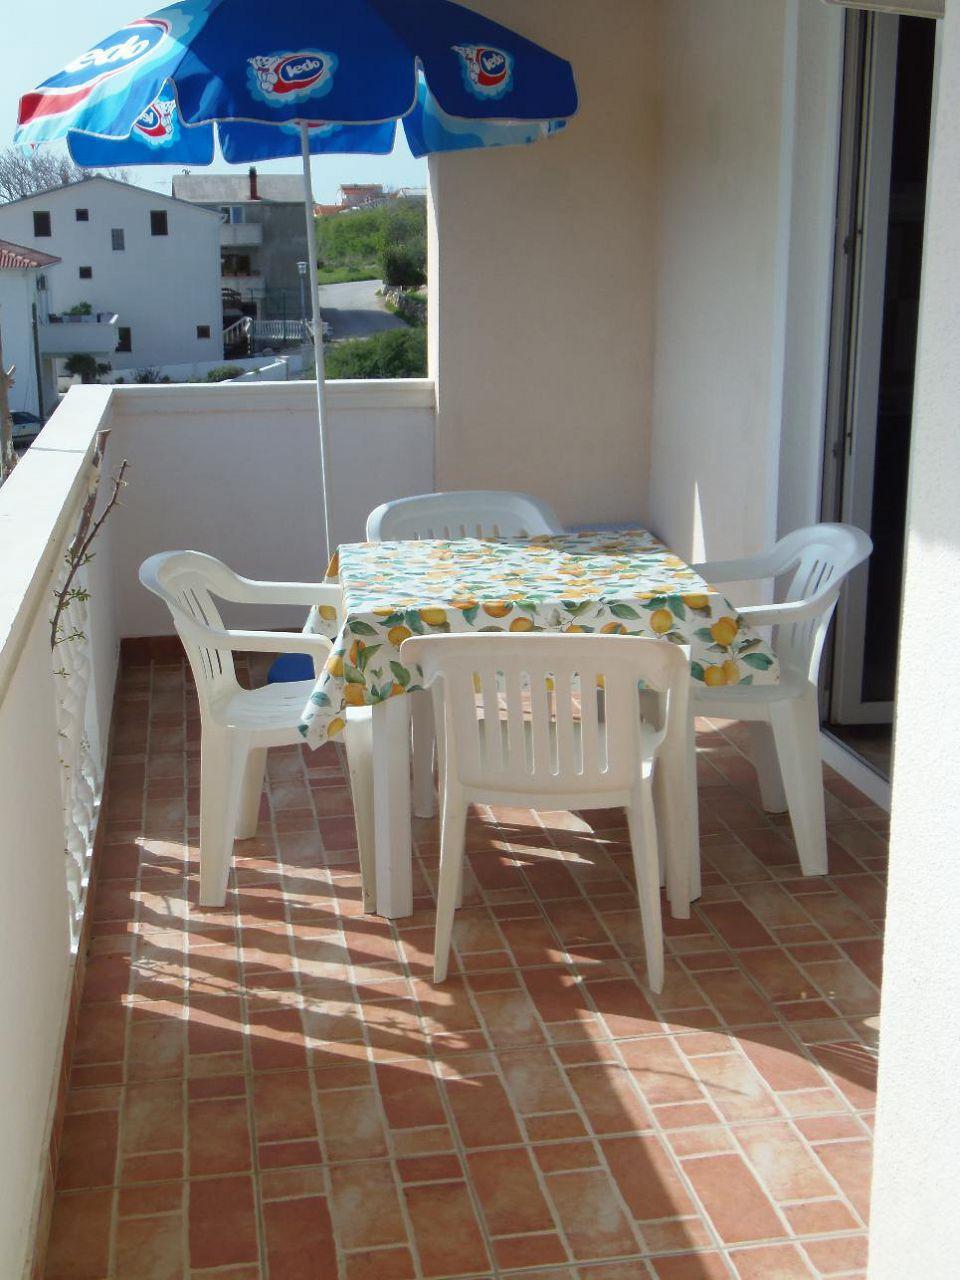 2235 - Povljana - Appartementen Kroatië - A1 mali (2+2): terras